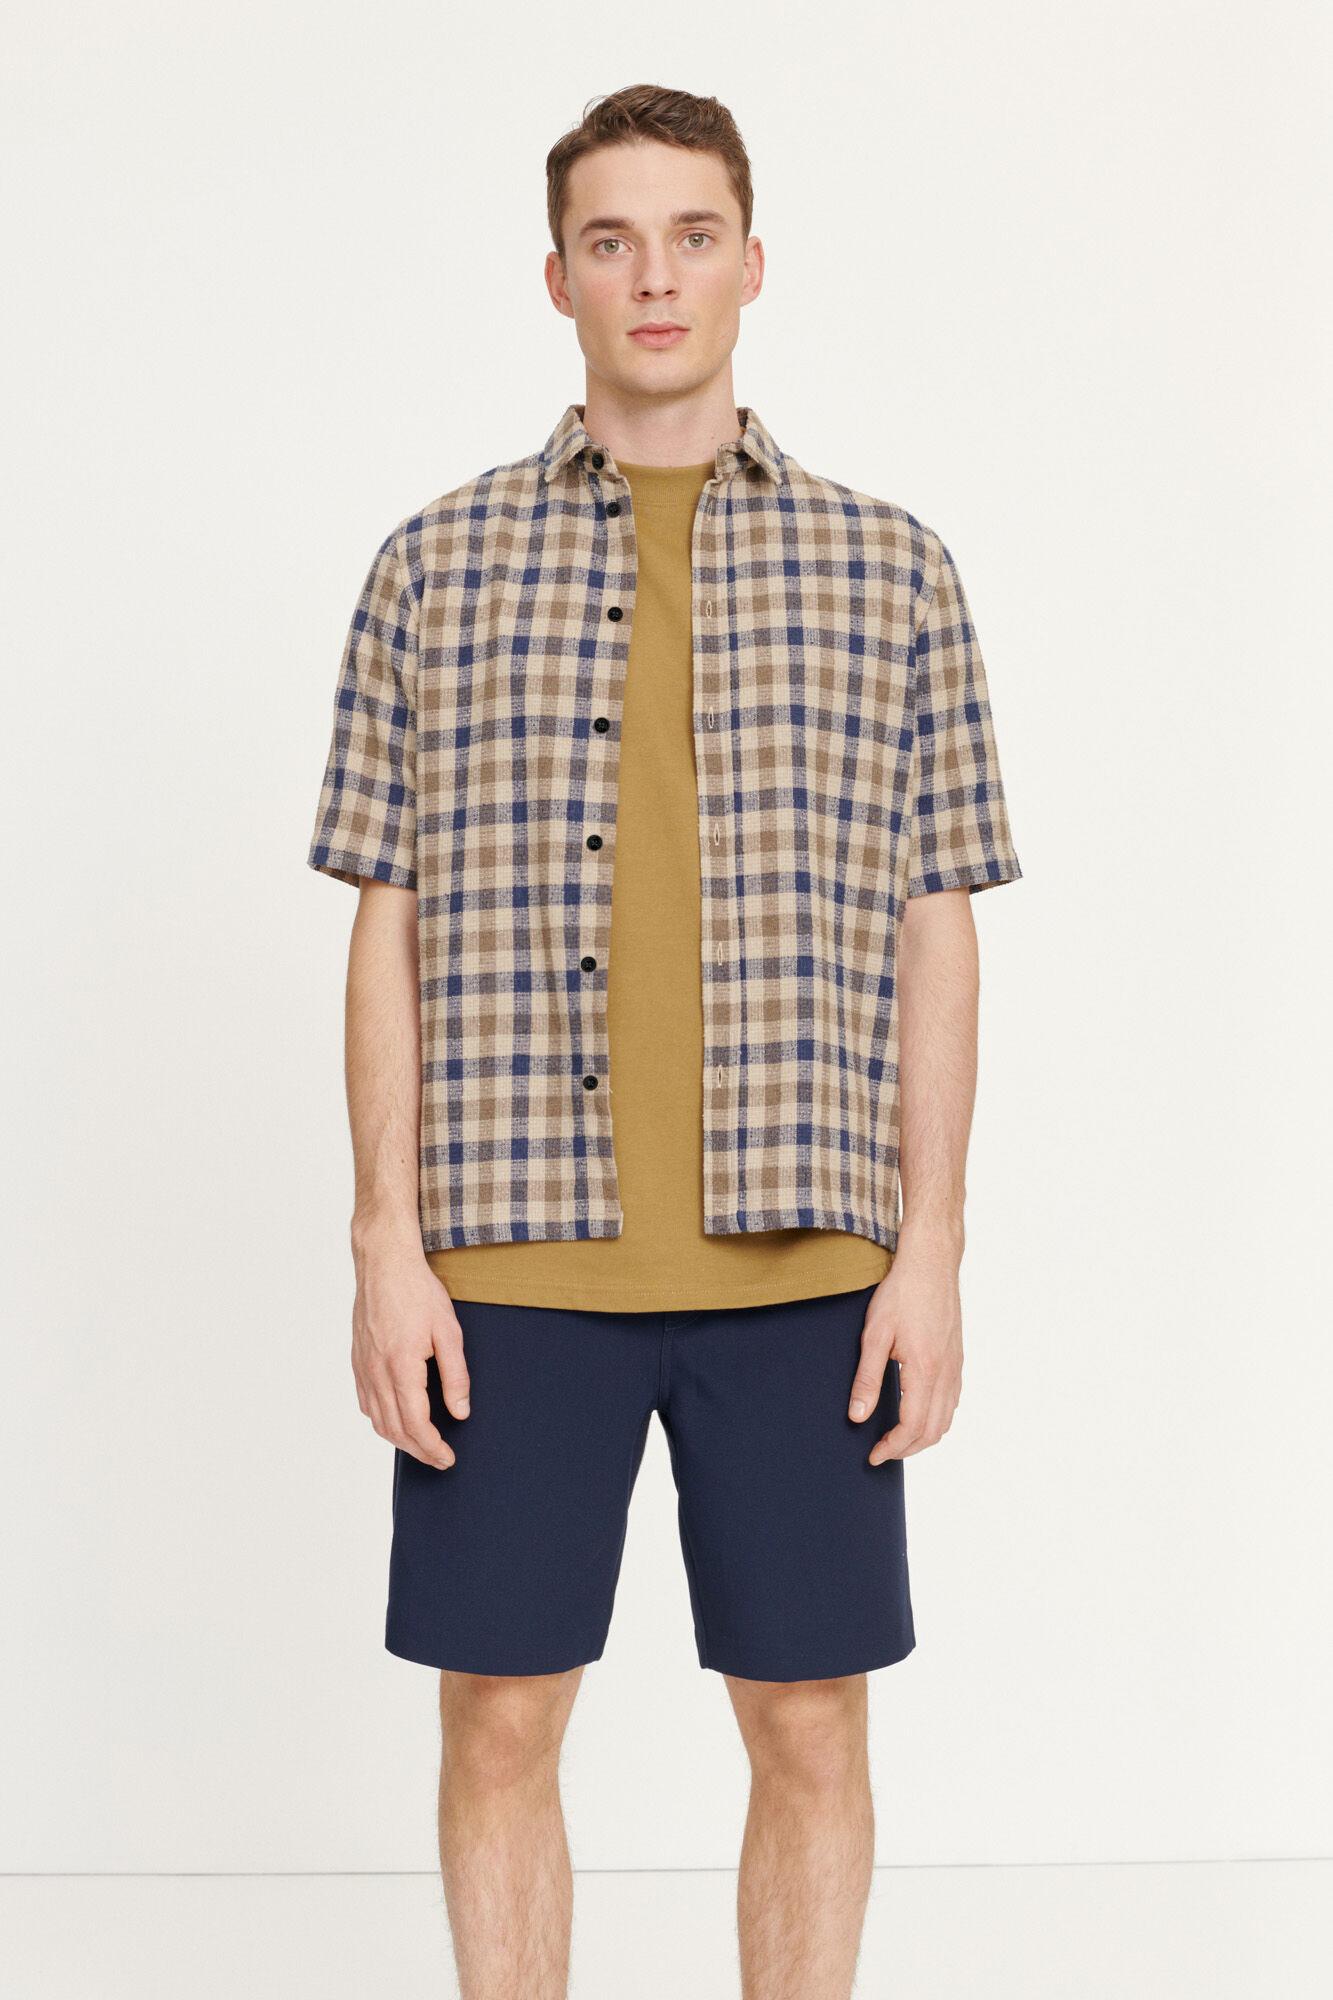 Taro NX shirt 11524